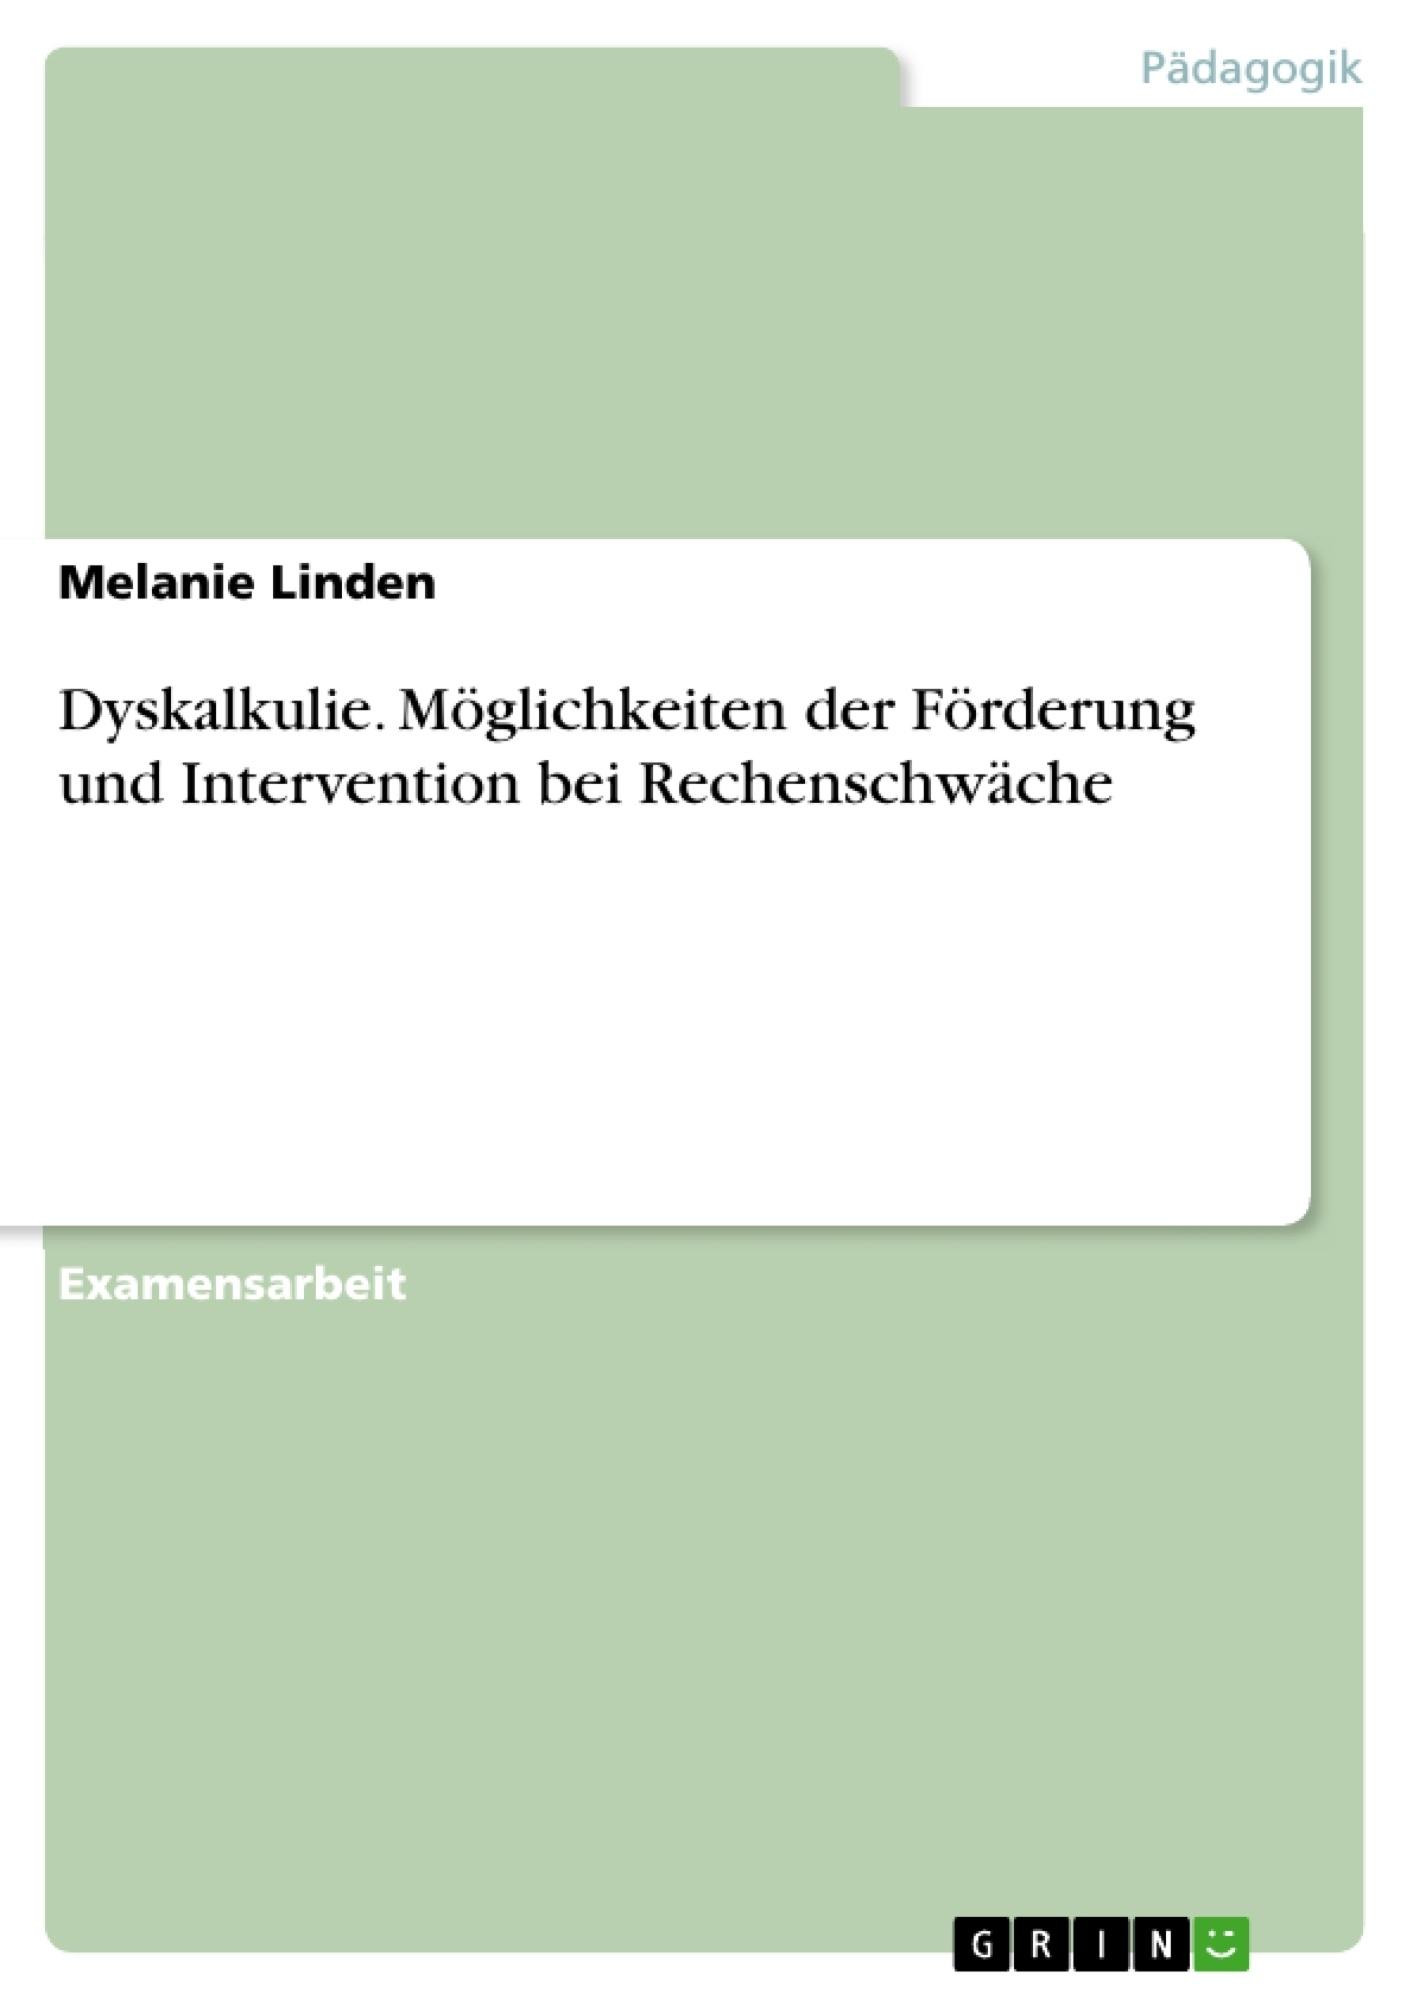 Titel: Dyskalkulie. Möglichkeiten der Förderung und Intervention bei Rechenschwäche